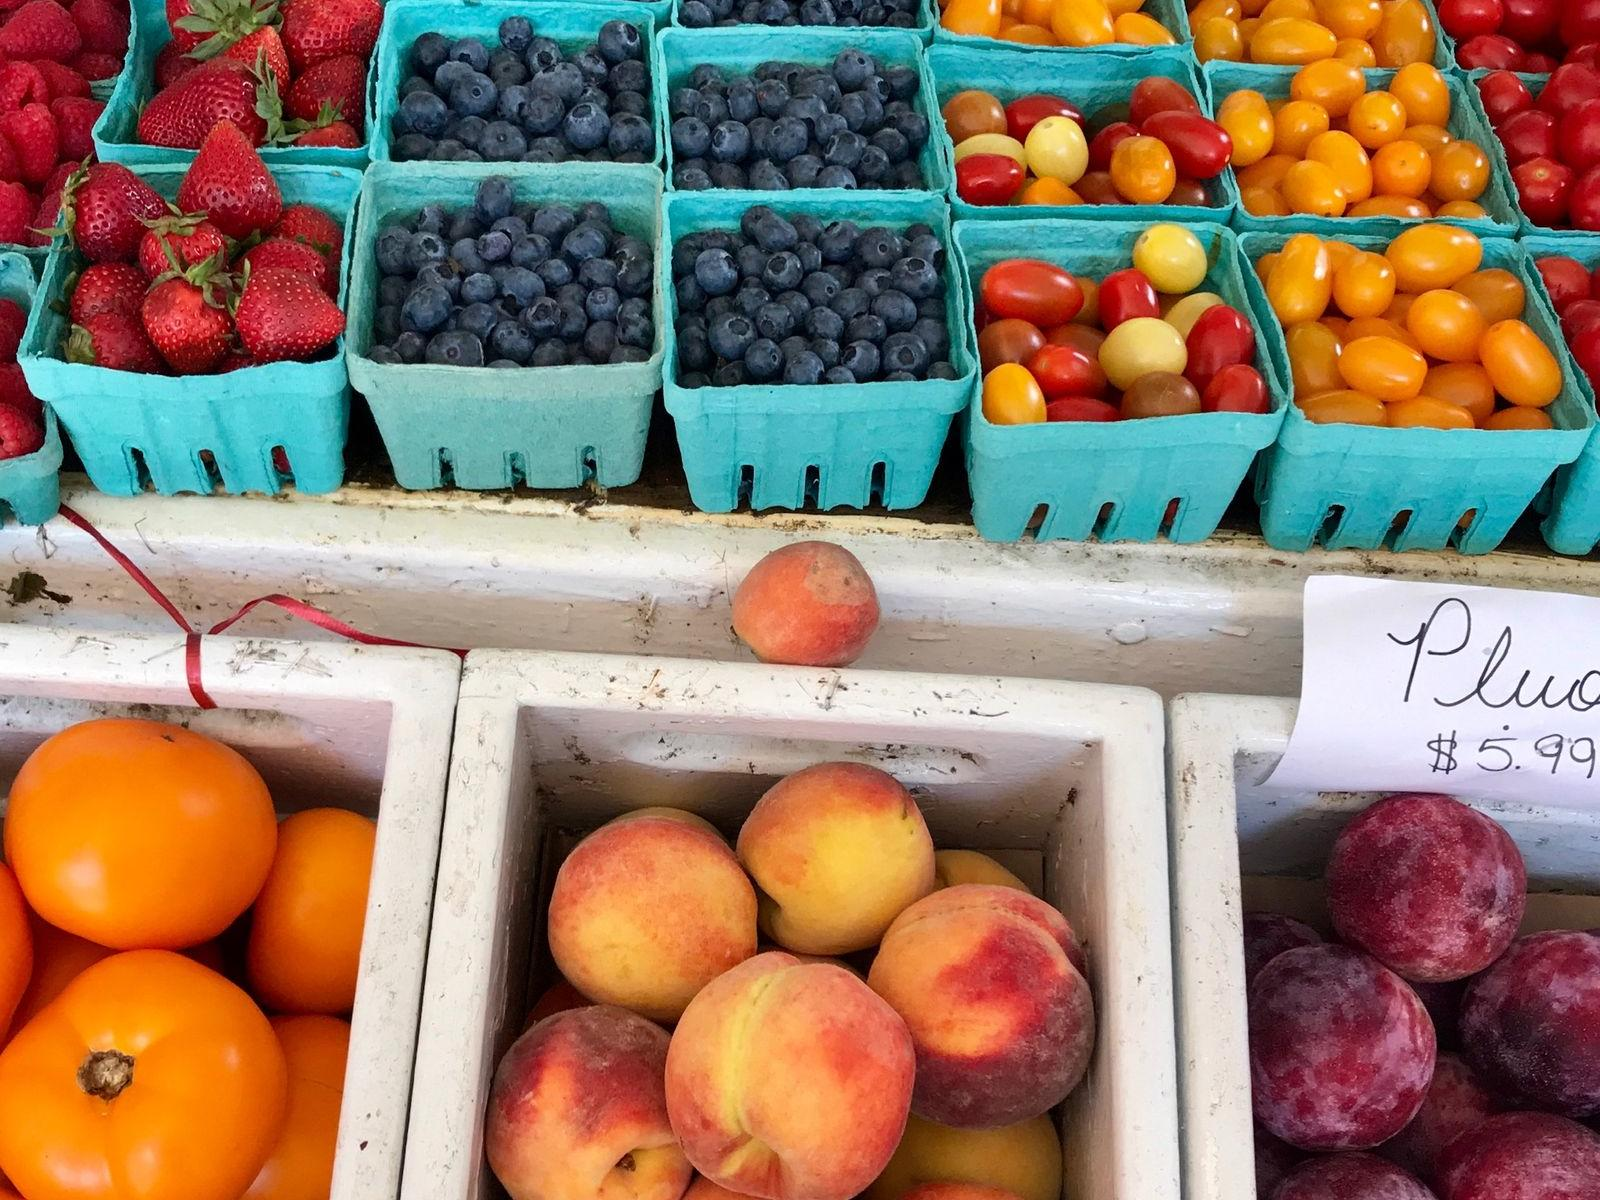 Farmers' Markets in East Hampton, NY